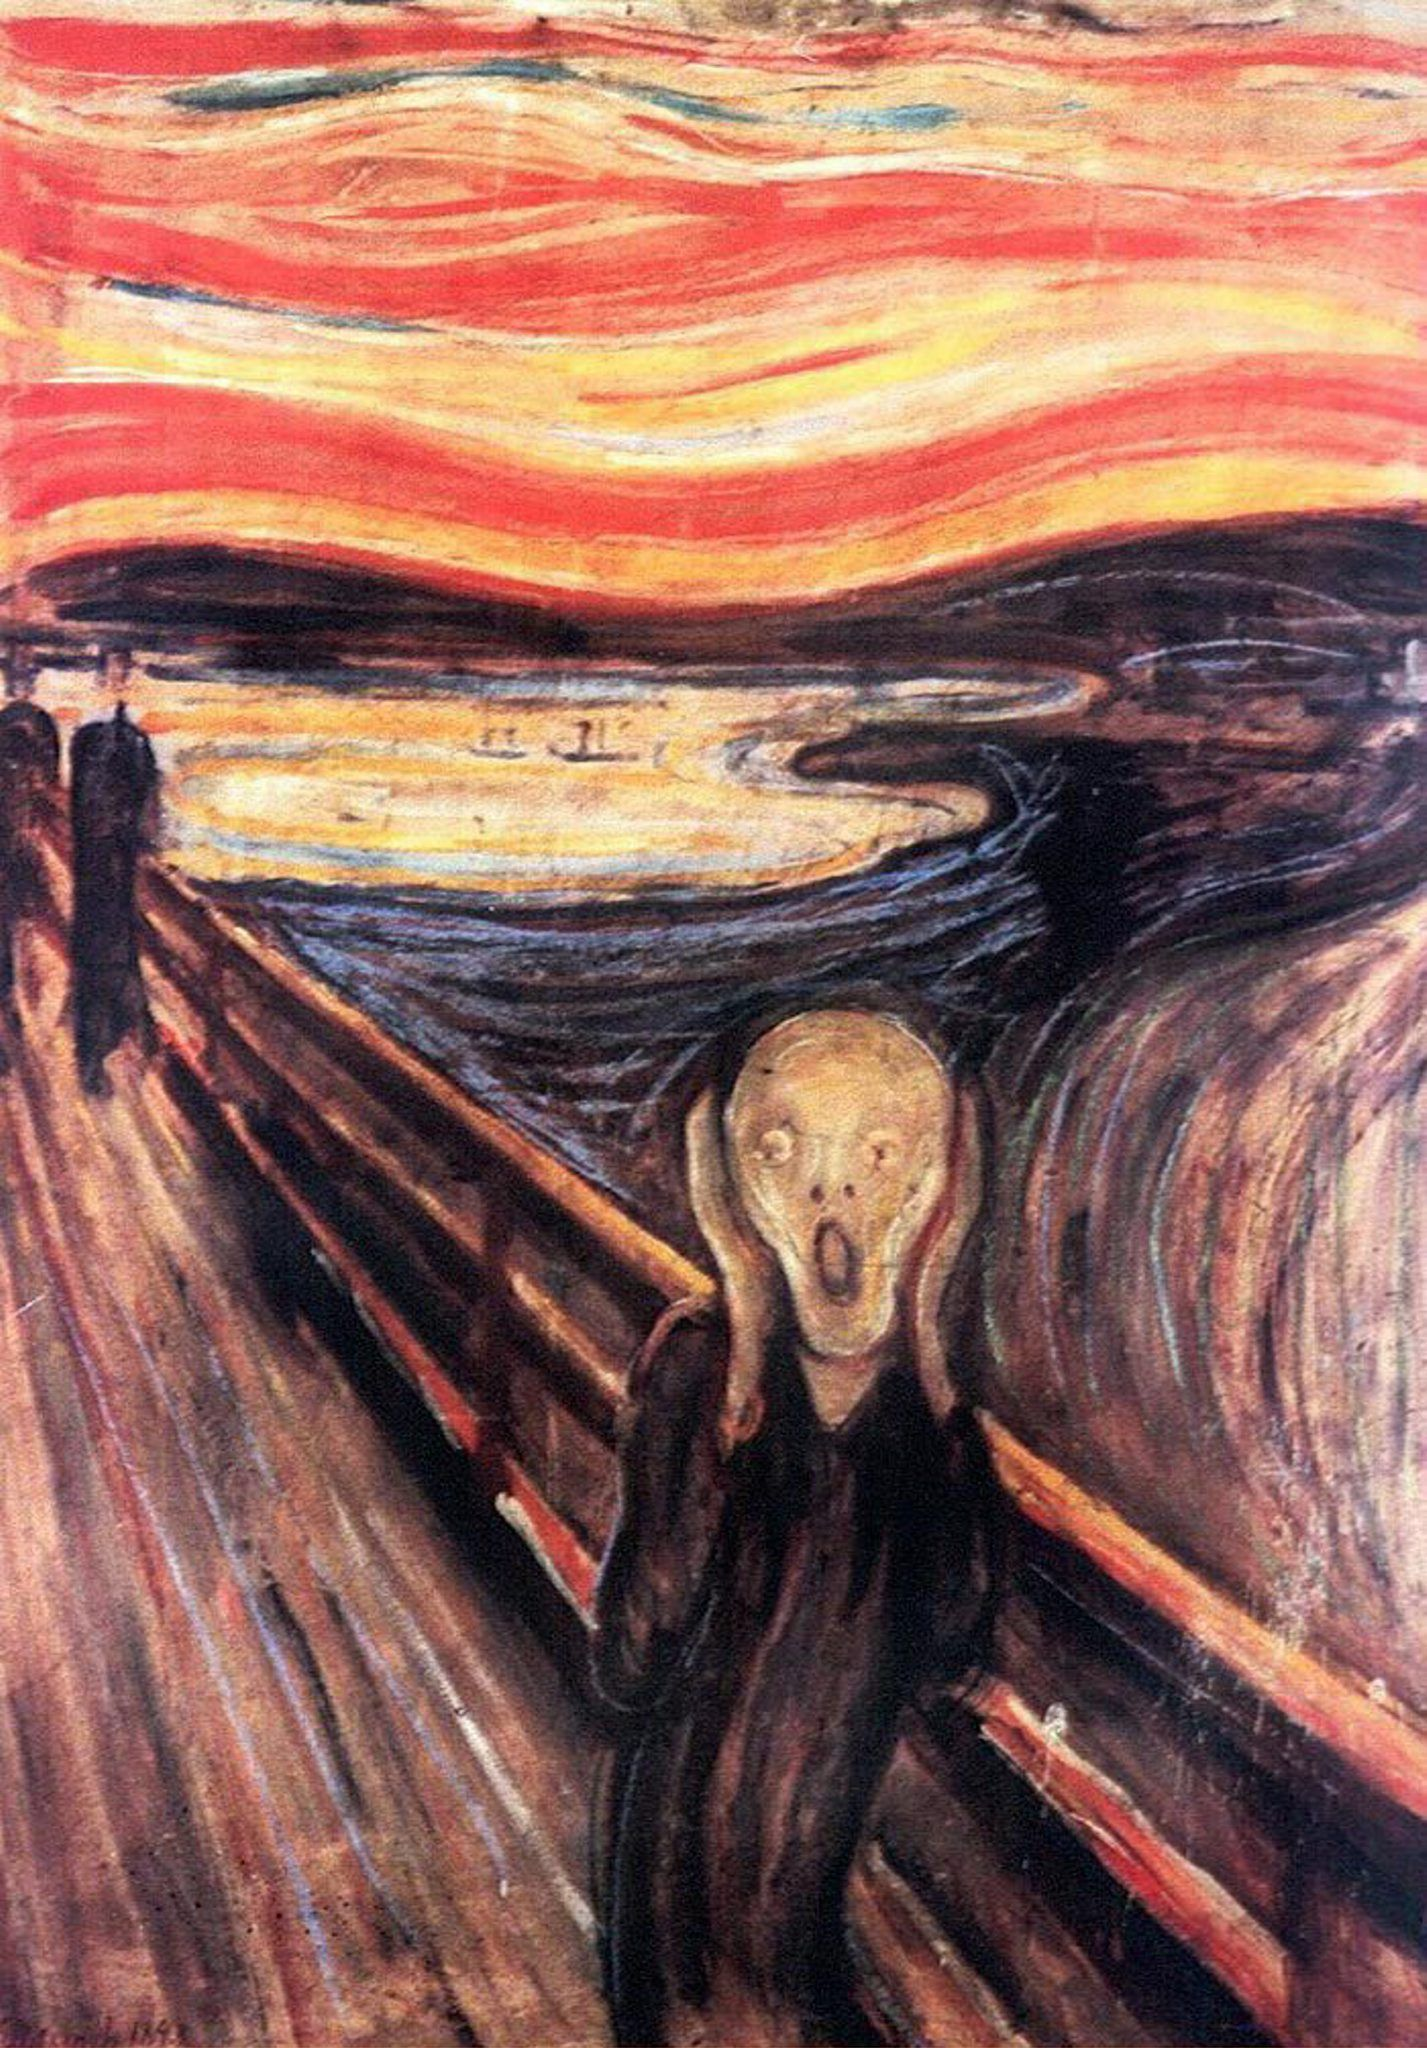 11M: Sucesos traumáticos que transforman la personalidad. http://www.farmaciafrancesa.com